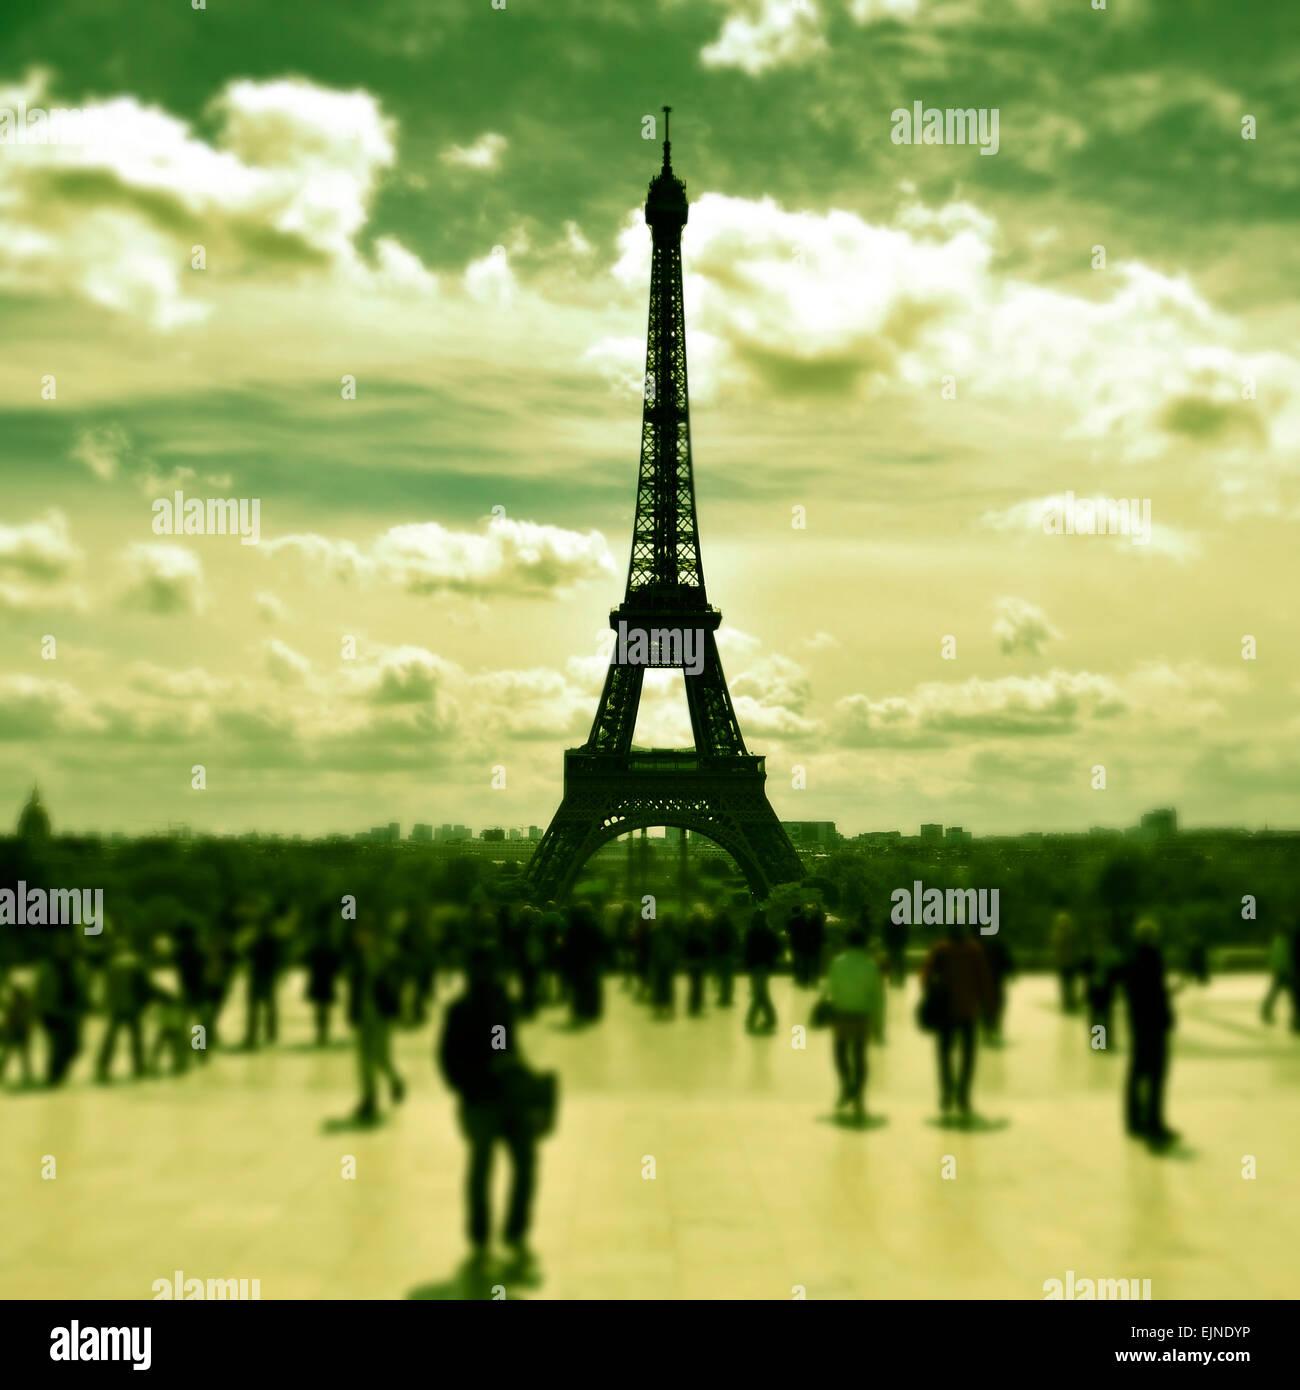 La Tour Eiffel Vue Depuis Les Jardins Du Trocadero A Paris France